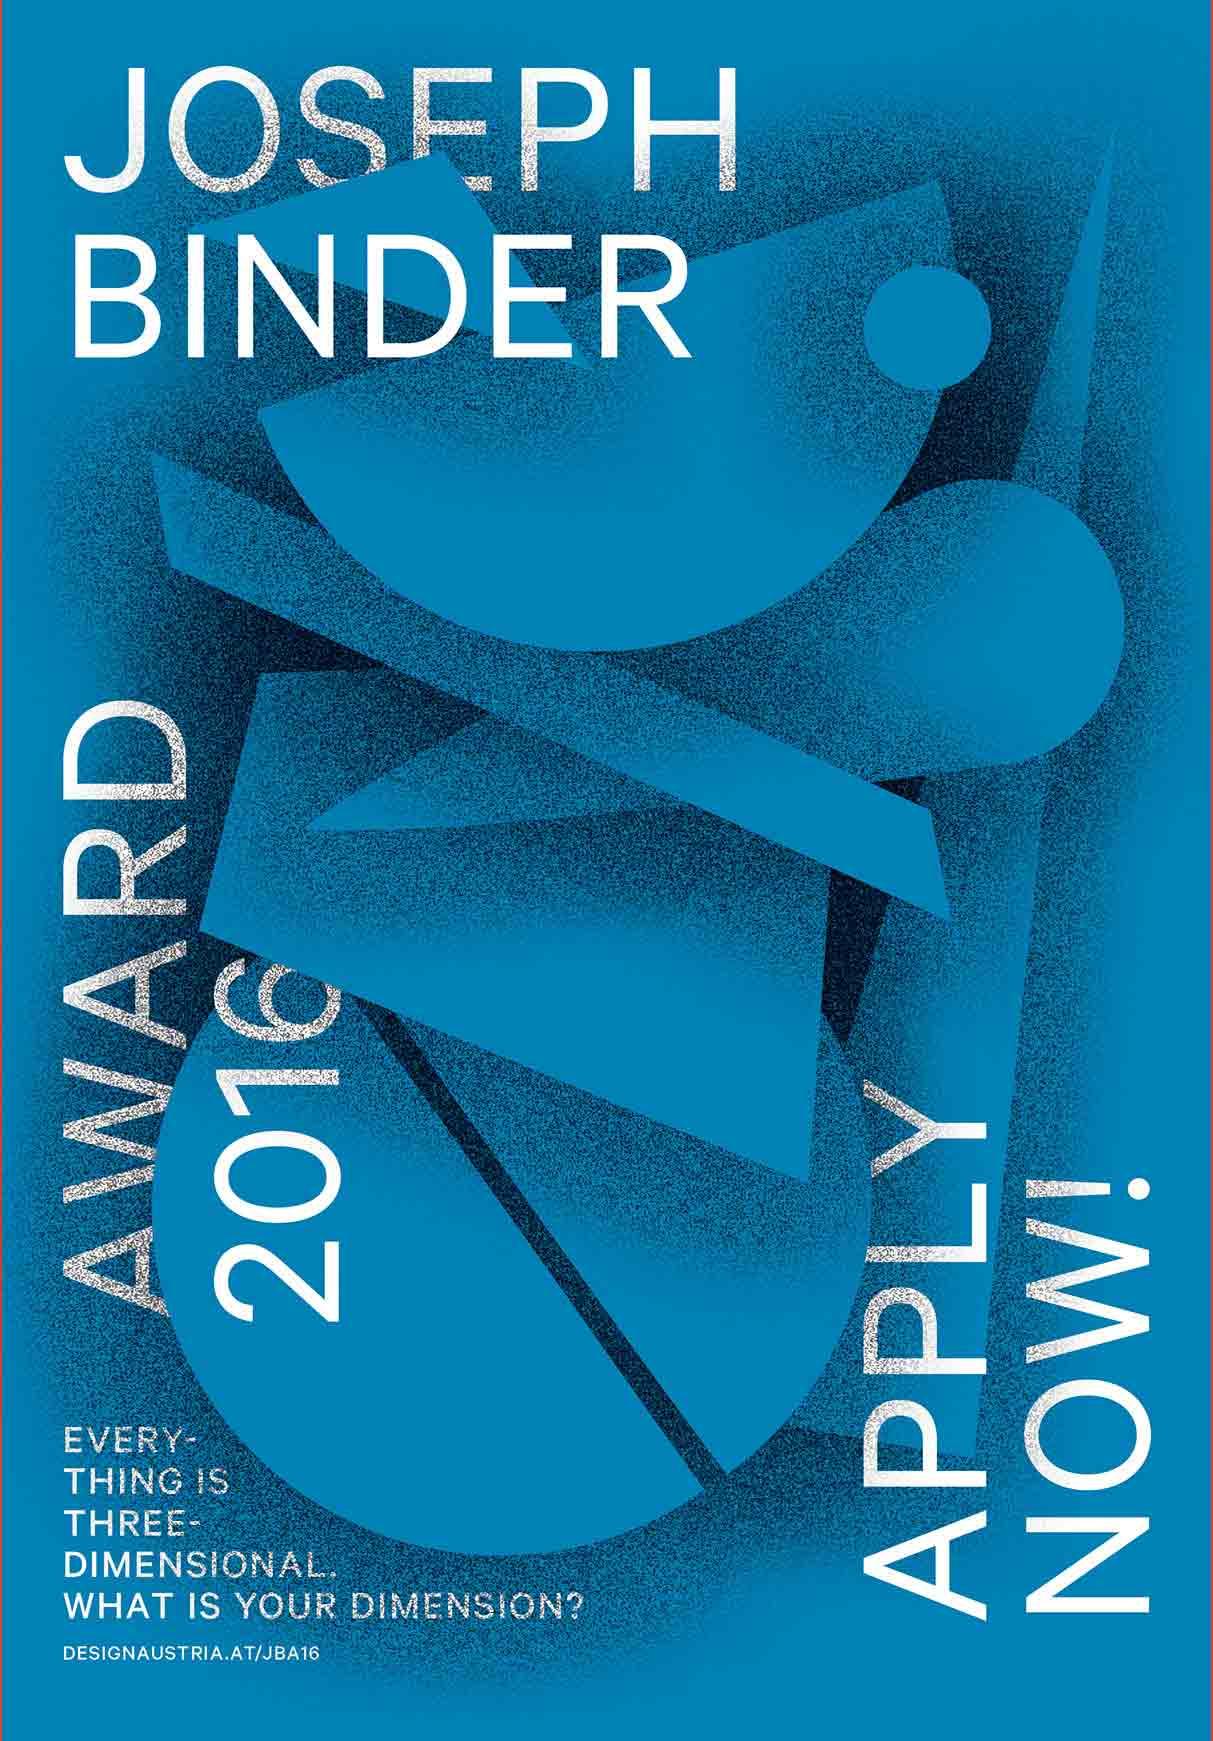 Joseph-Binder-Award-2016